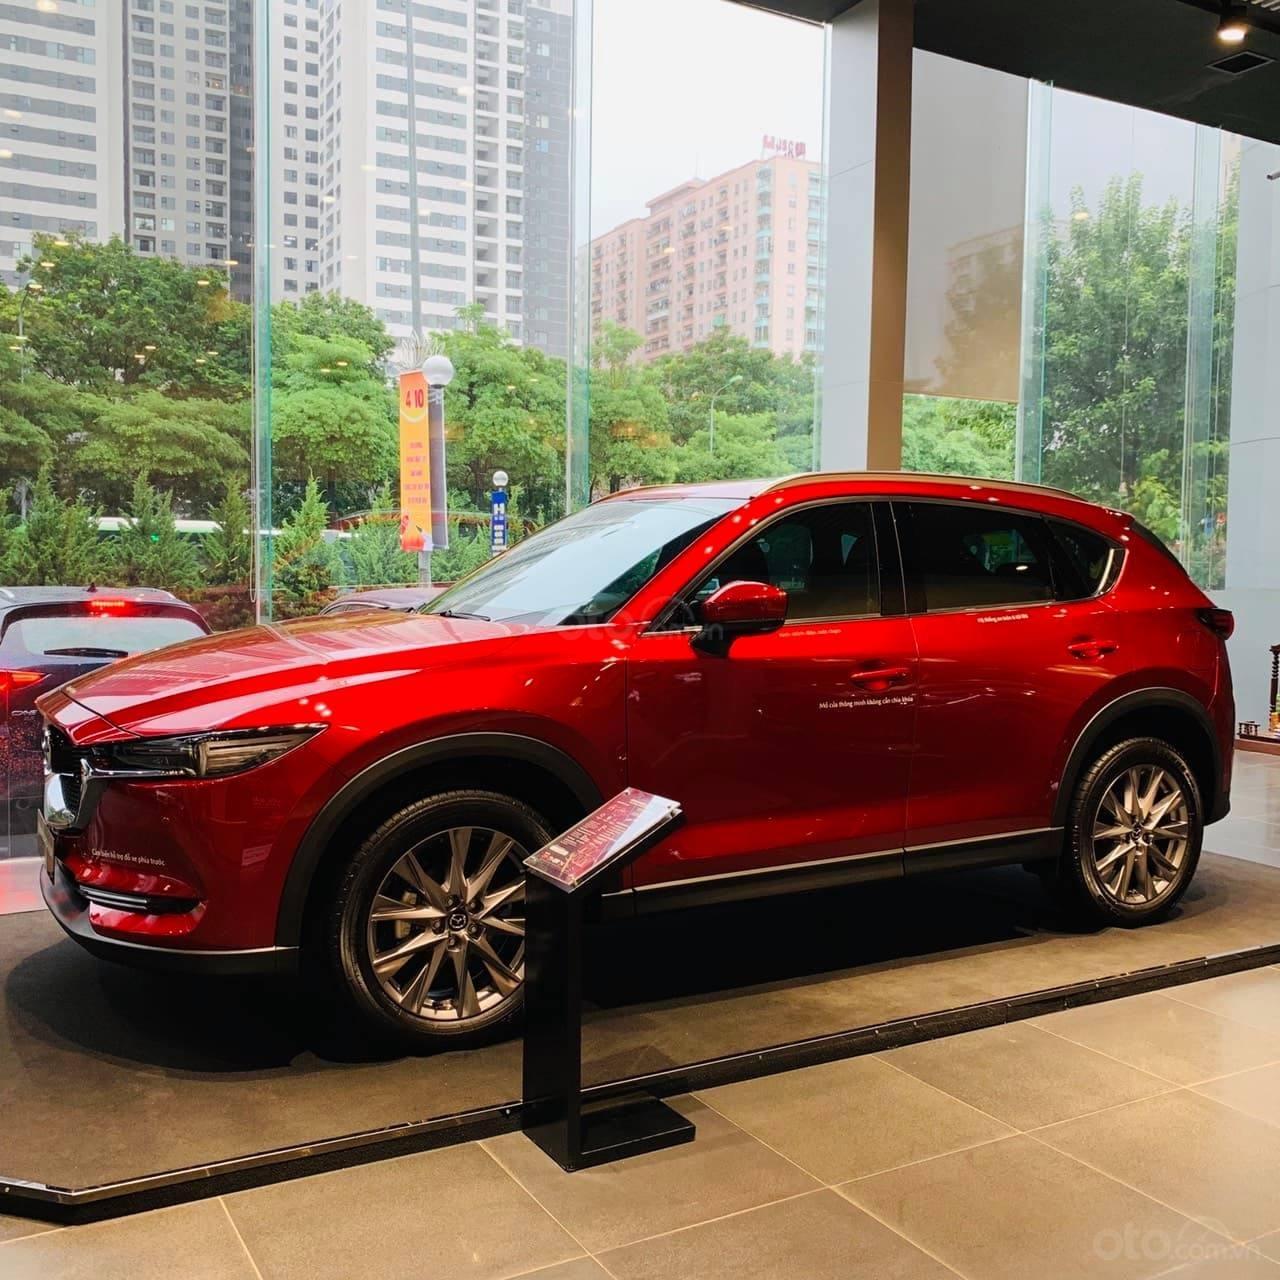 Mazda Cx5 IPM 6.5, giảm 40 triệu tiền mặt, hỗ trợ trả góp 85%, giải ngân ngay. LH: 0948.12.02.88 (3)